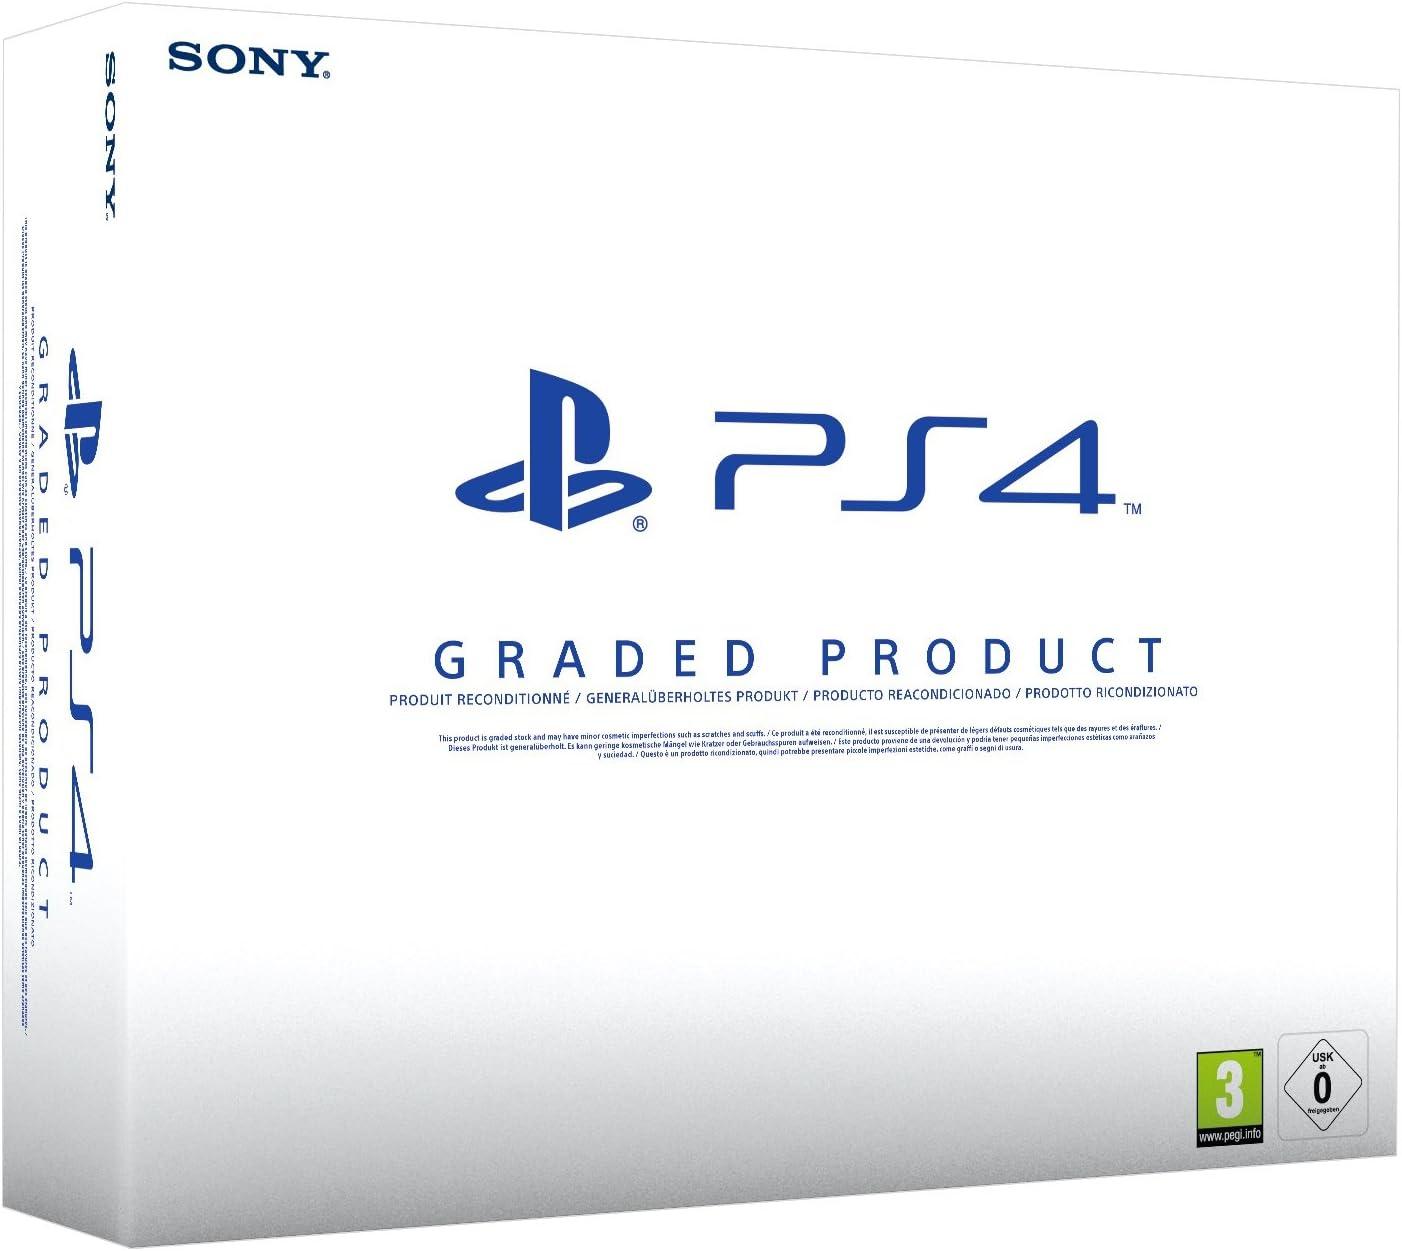 PlayStation 4 (PS4) 500 GB Consola - (Reacondicionado Certificado) - Chasis A: Amazon.es: Videojuegos